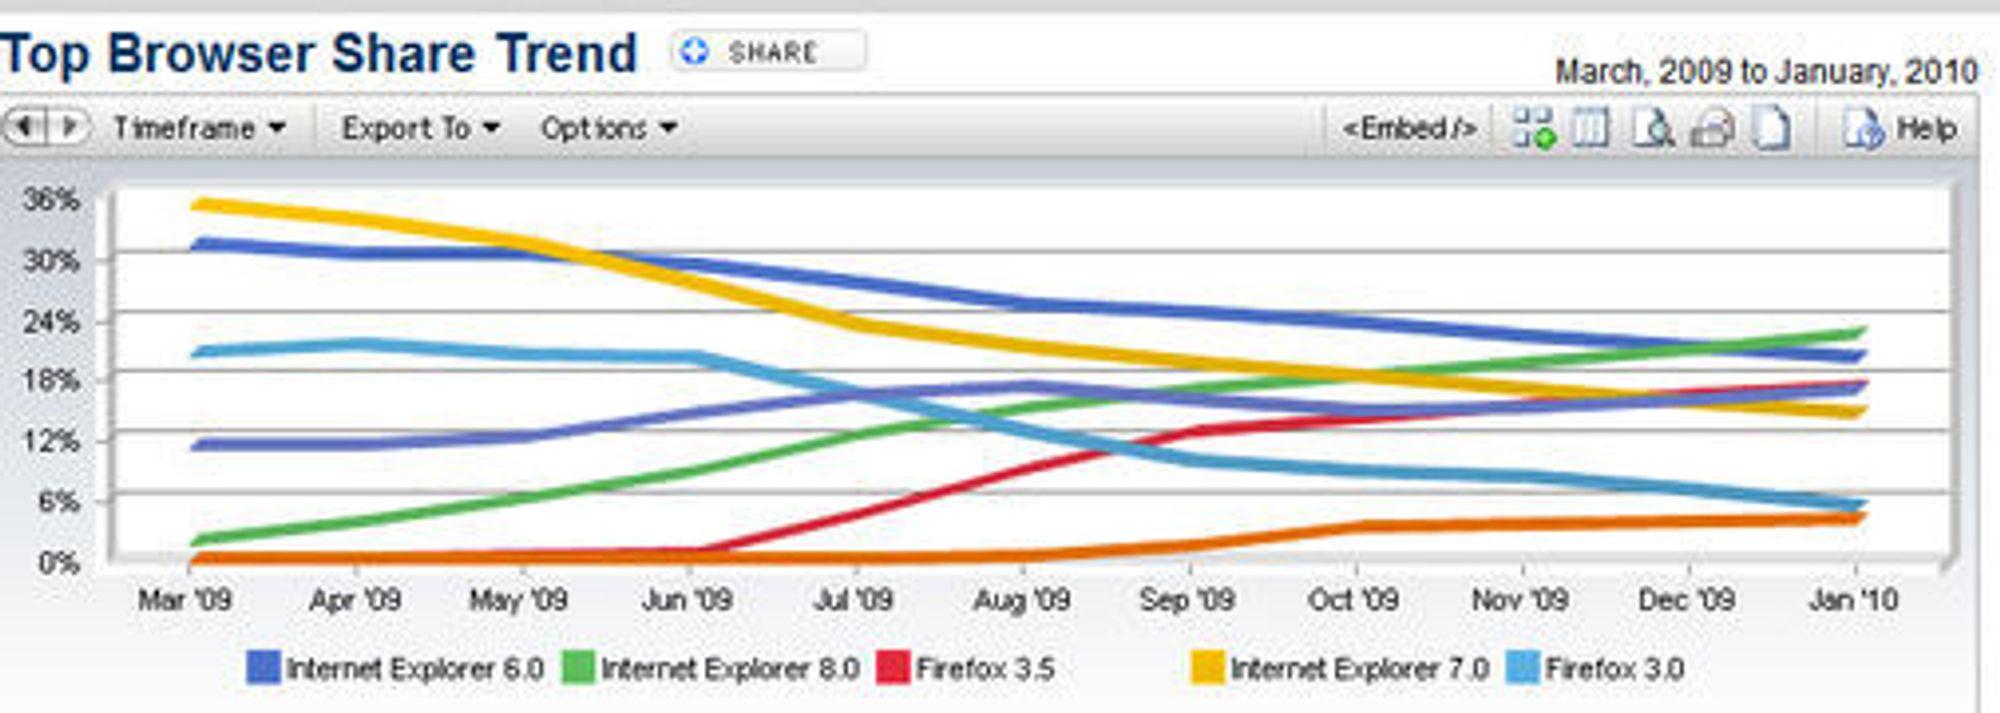 Den globale markedsandelen til ulike nettleserversjoneri perioden mars 2009 til januar 2010.